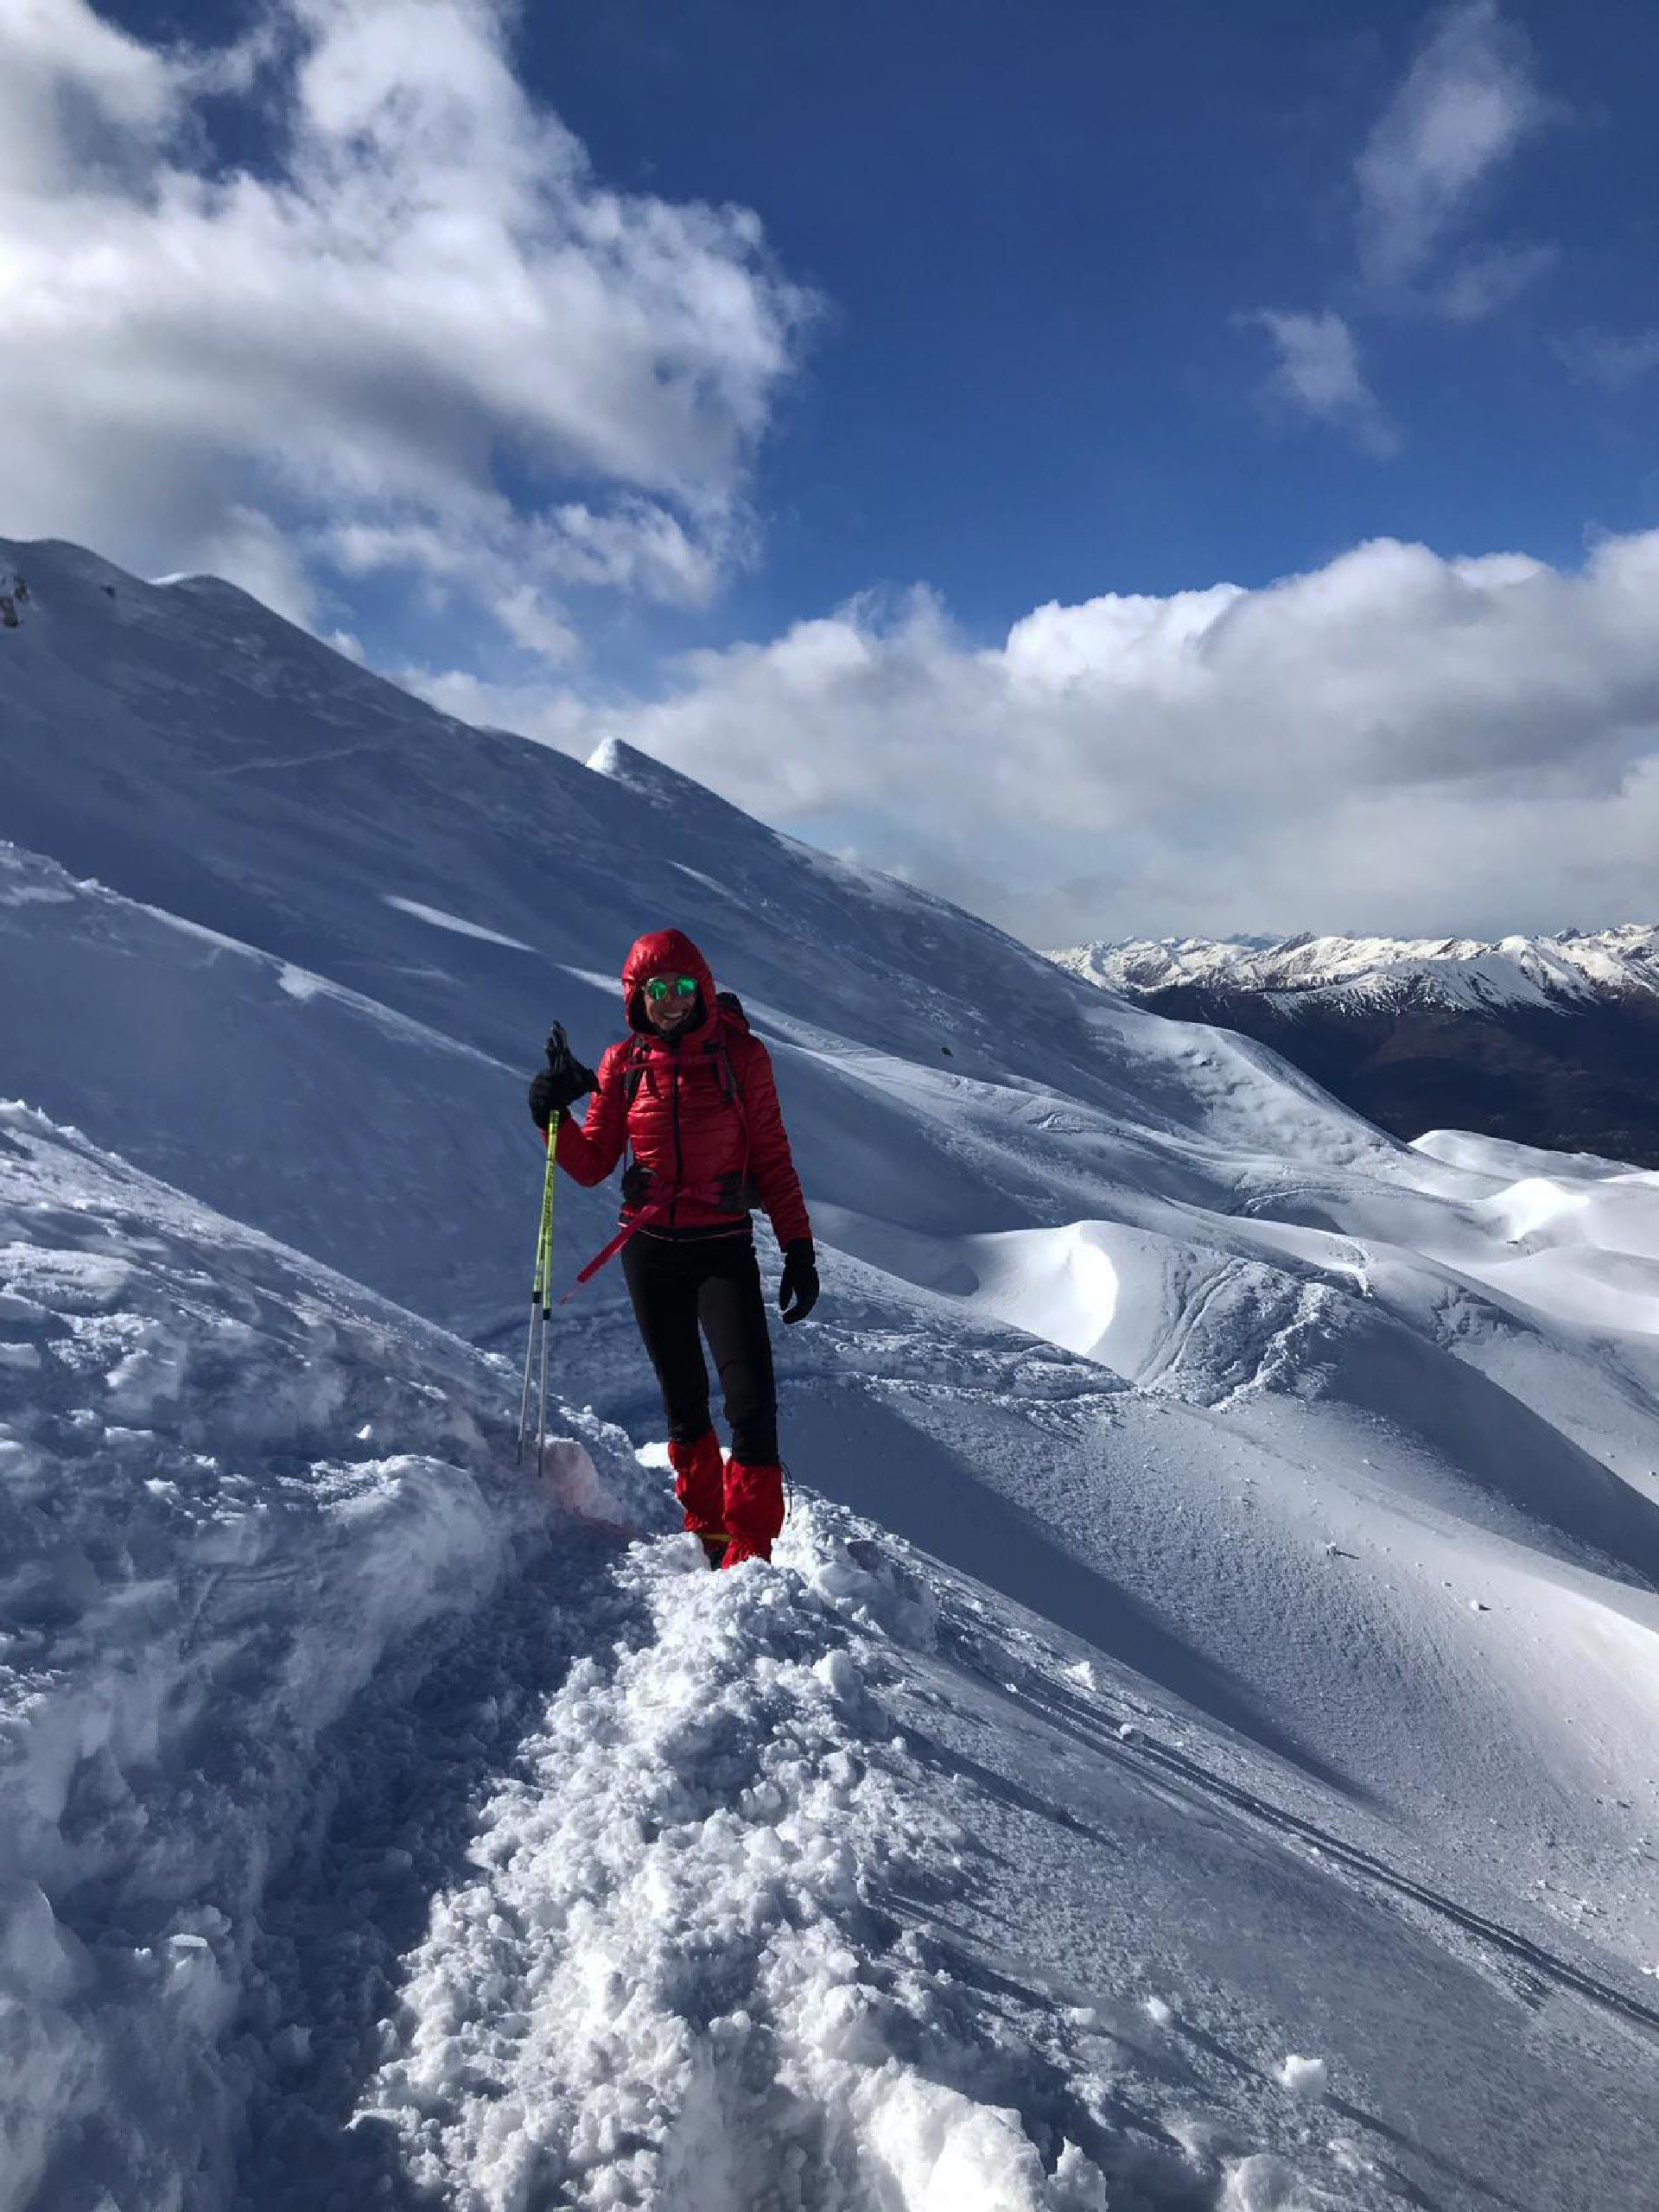 verso il rifugio Brioschi, salita invernale con neve, Valsassina, Lombardia